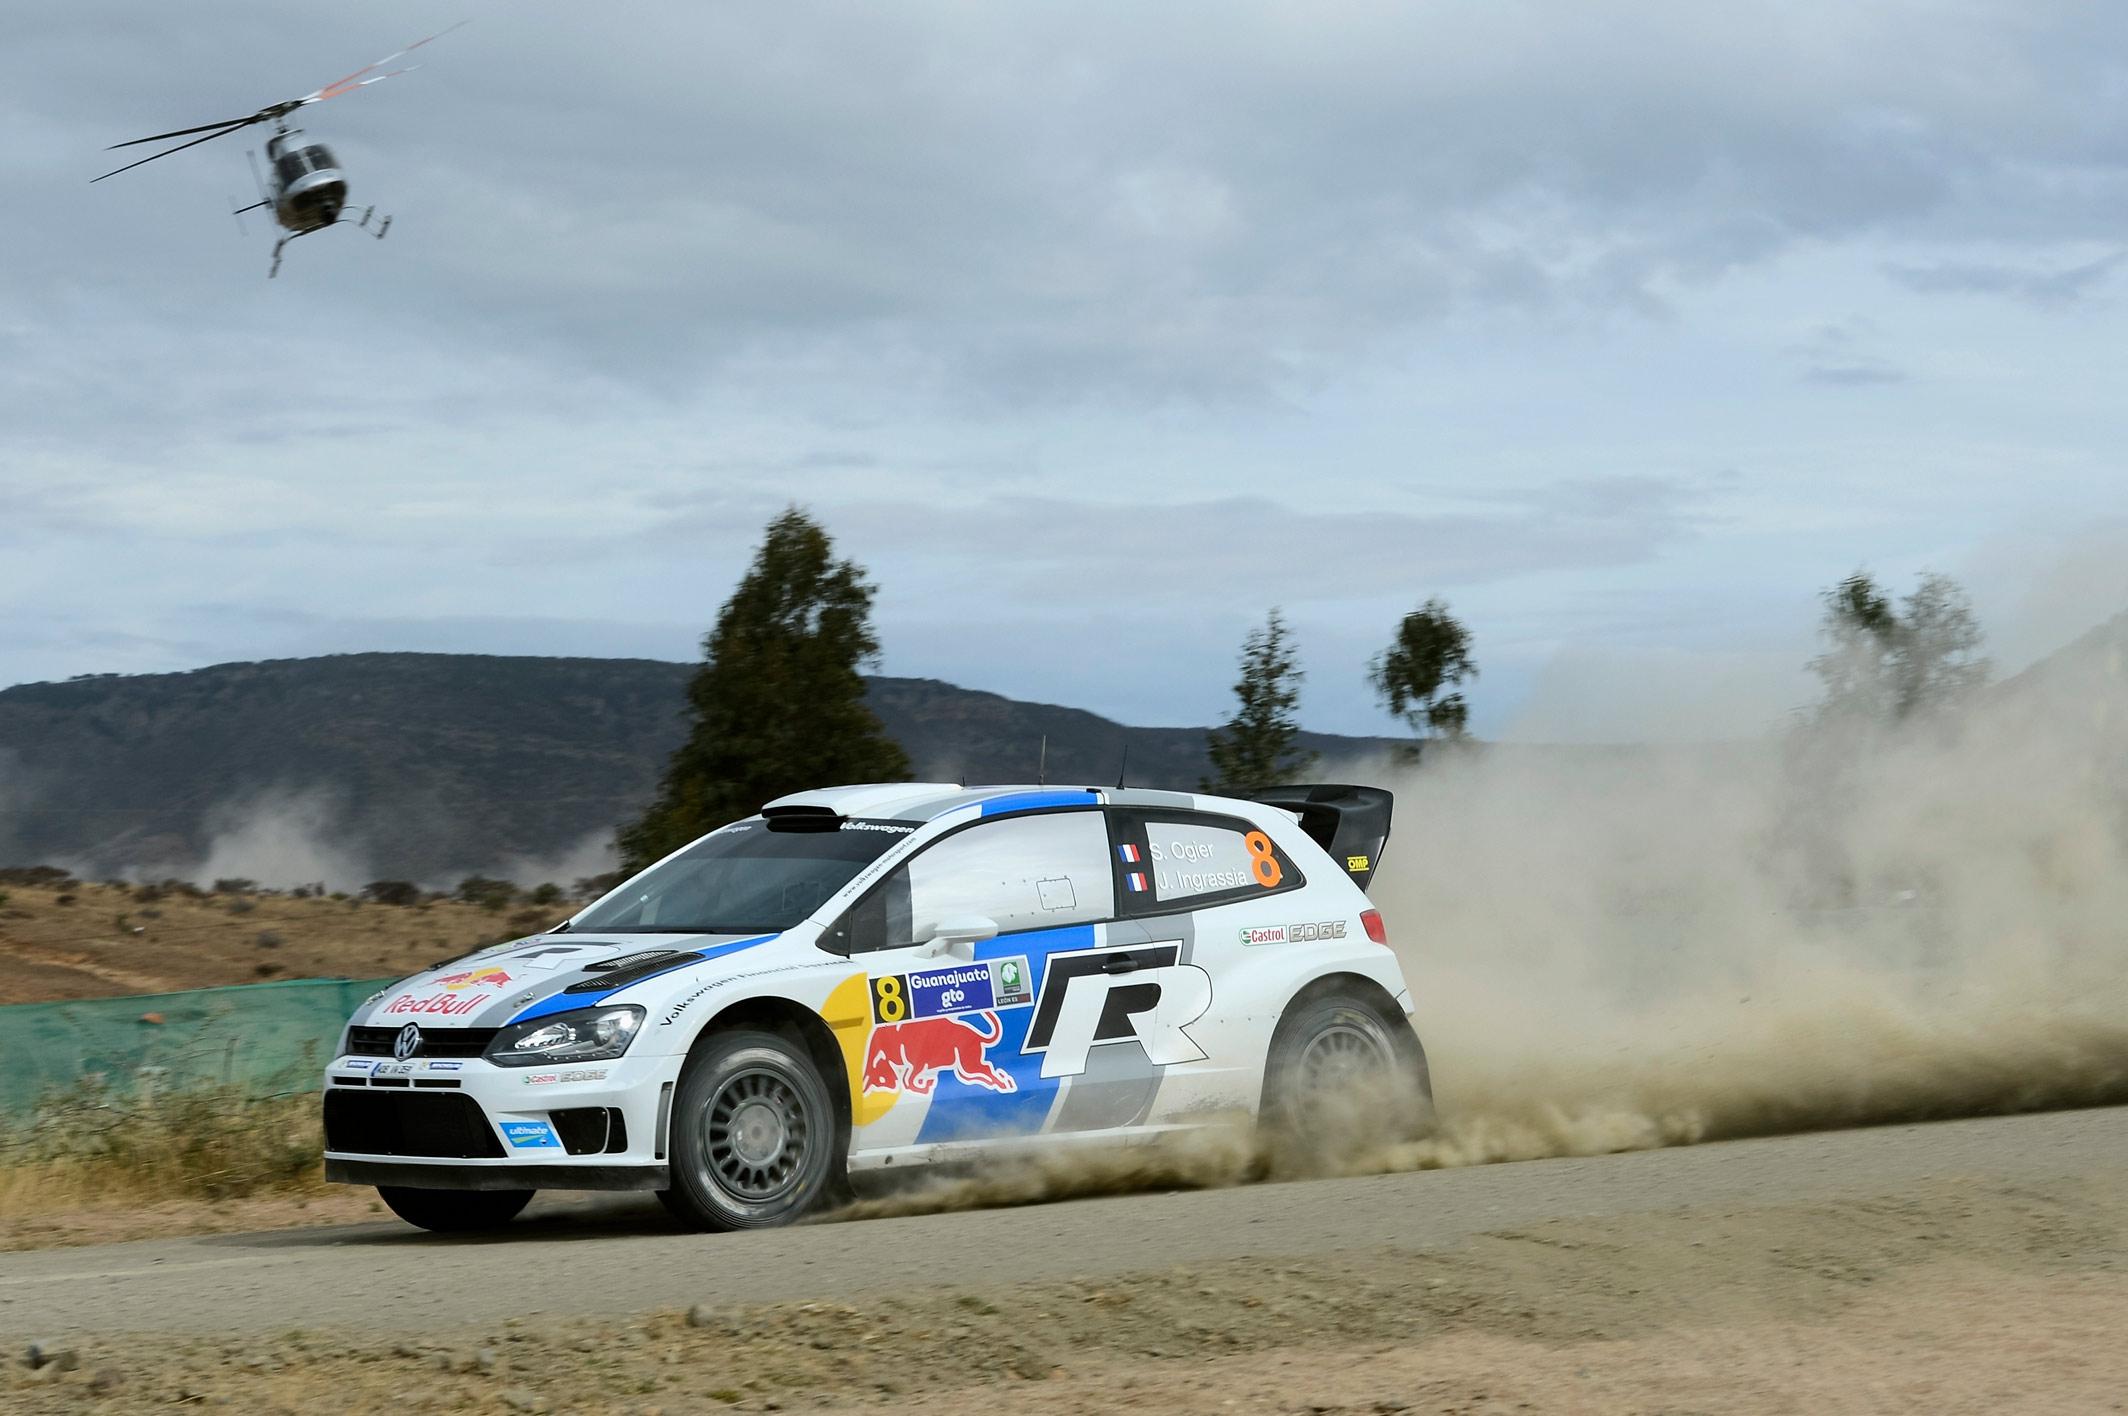 VW-WRC13-03-RB1-2142